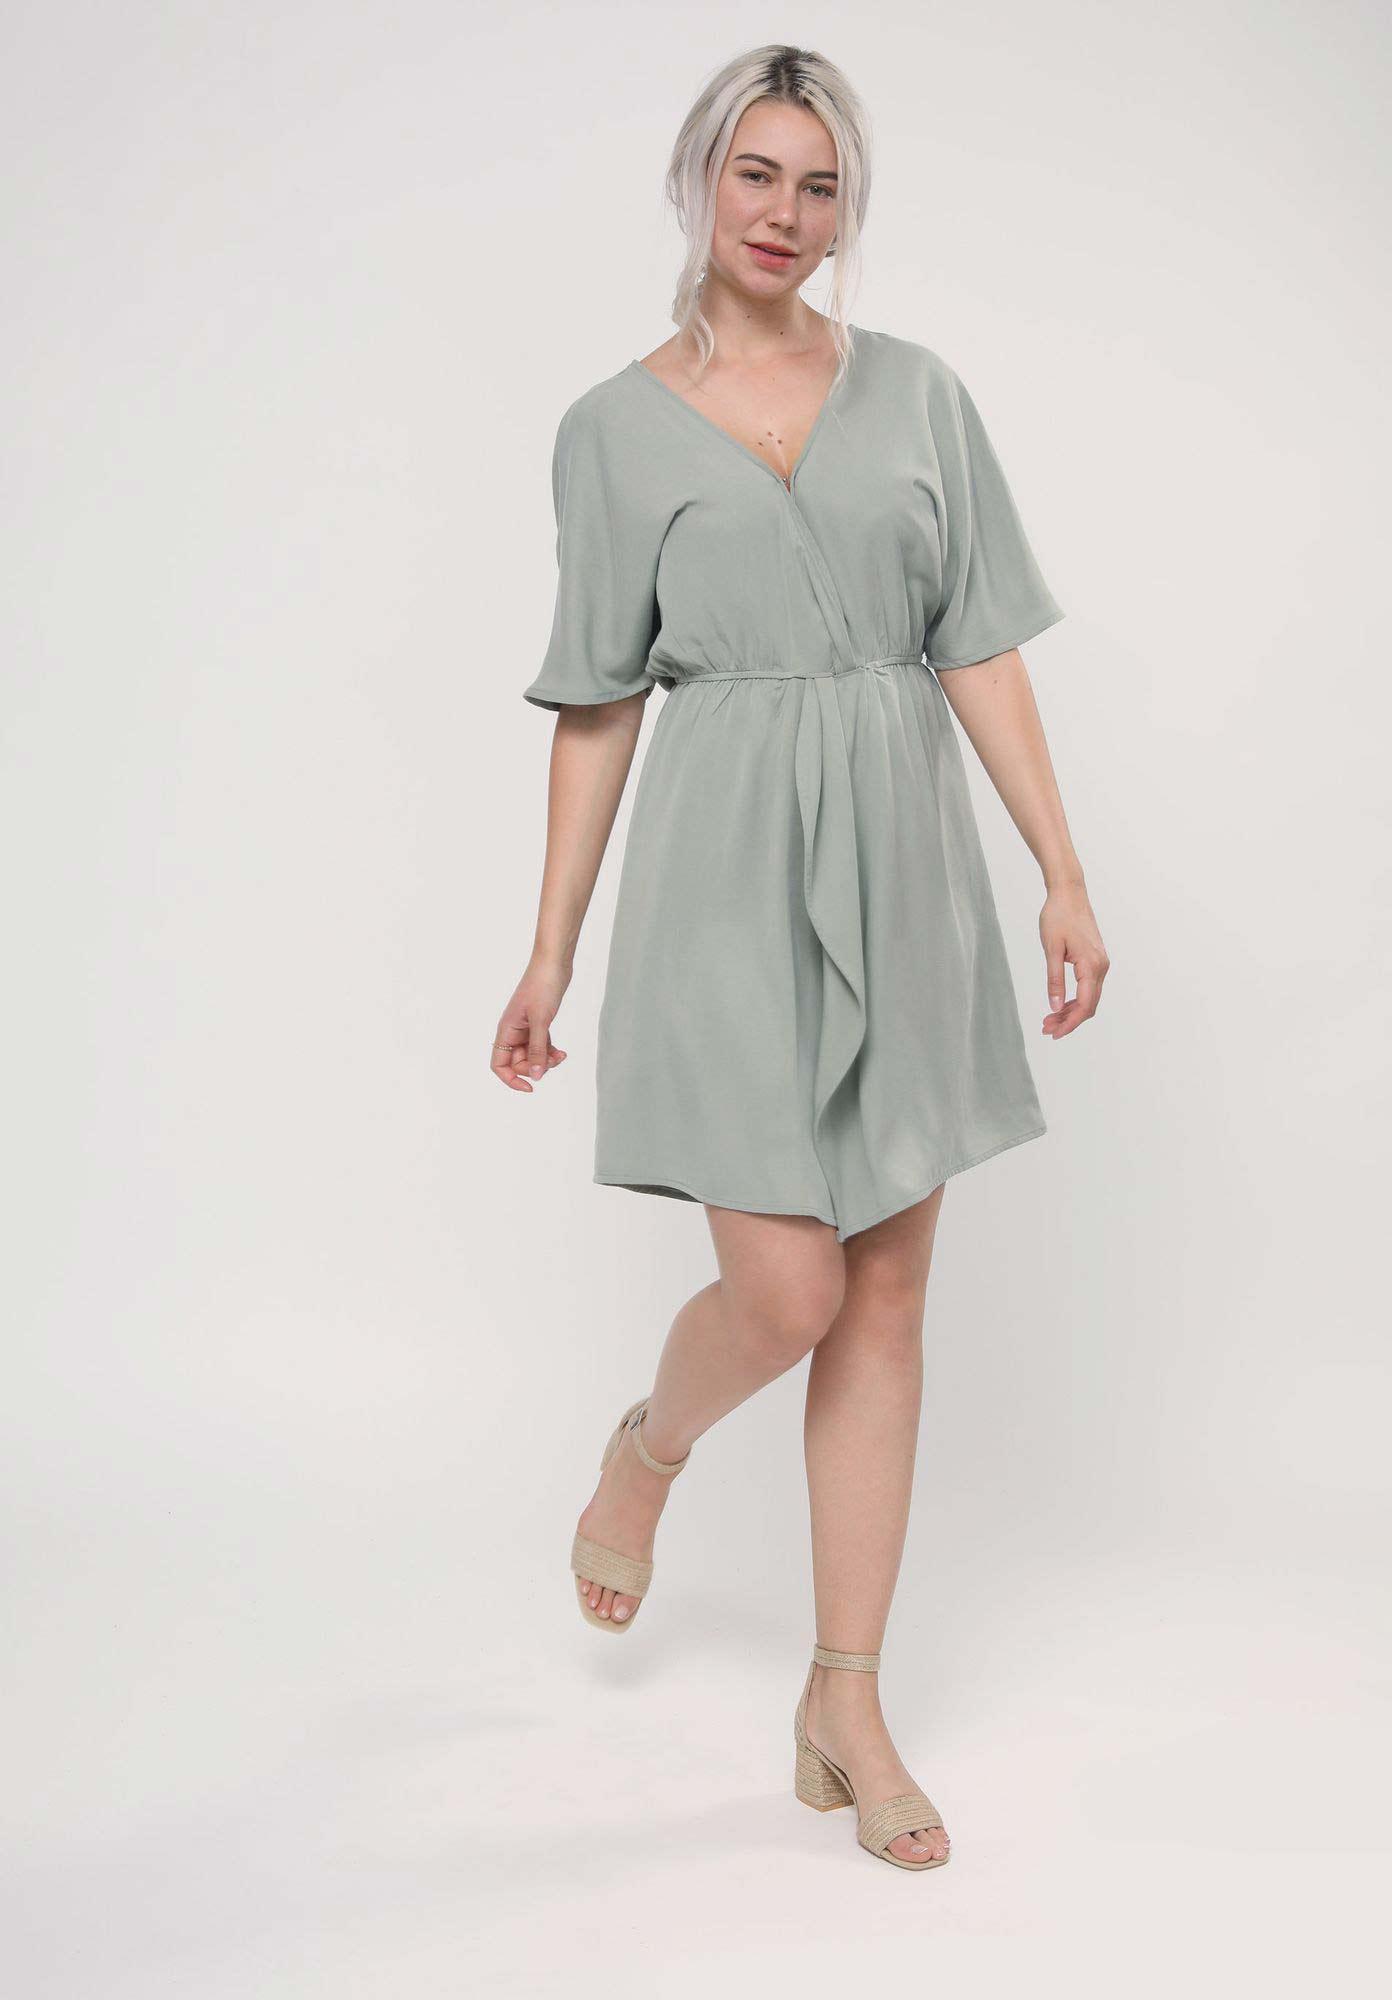 Pastell Sommerkleid von LOVJOI aus 100% Tencel